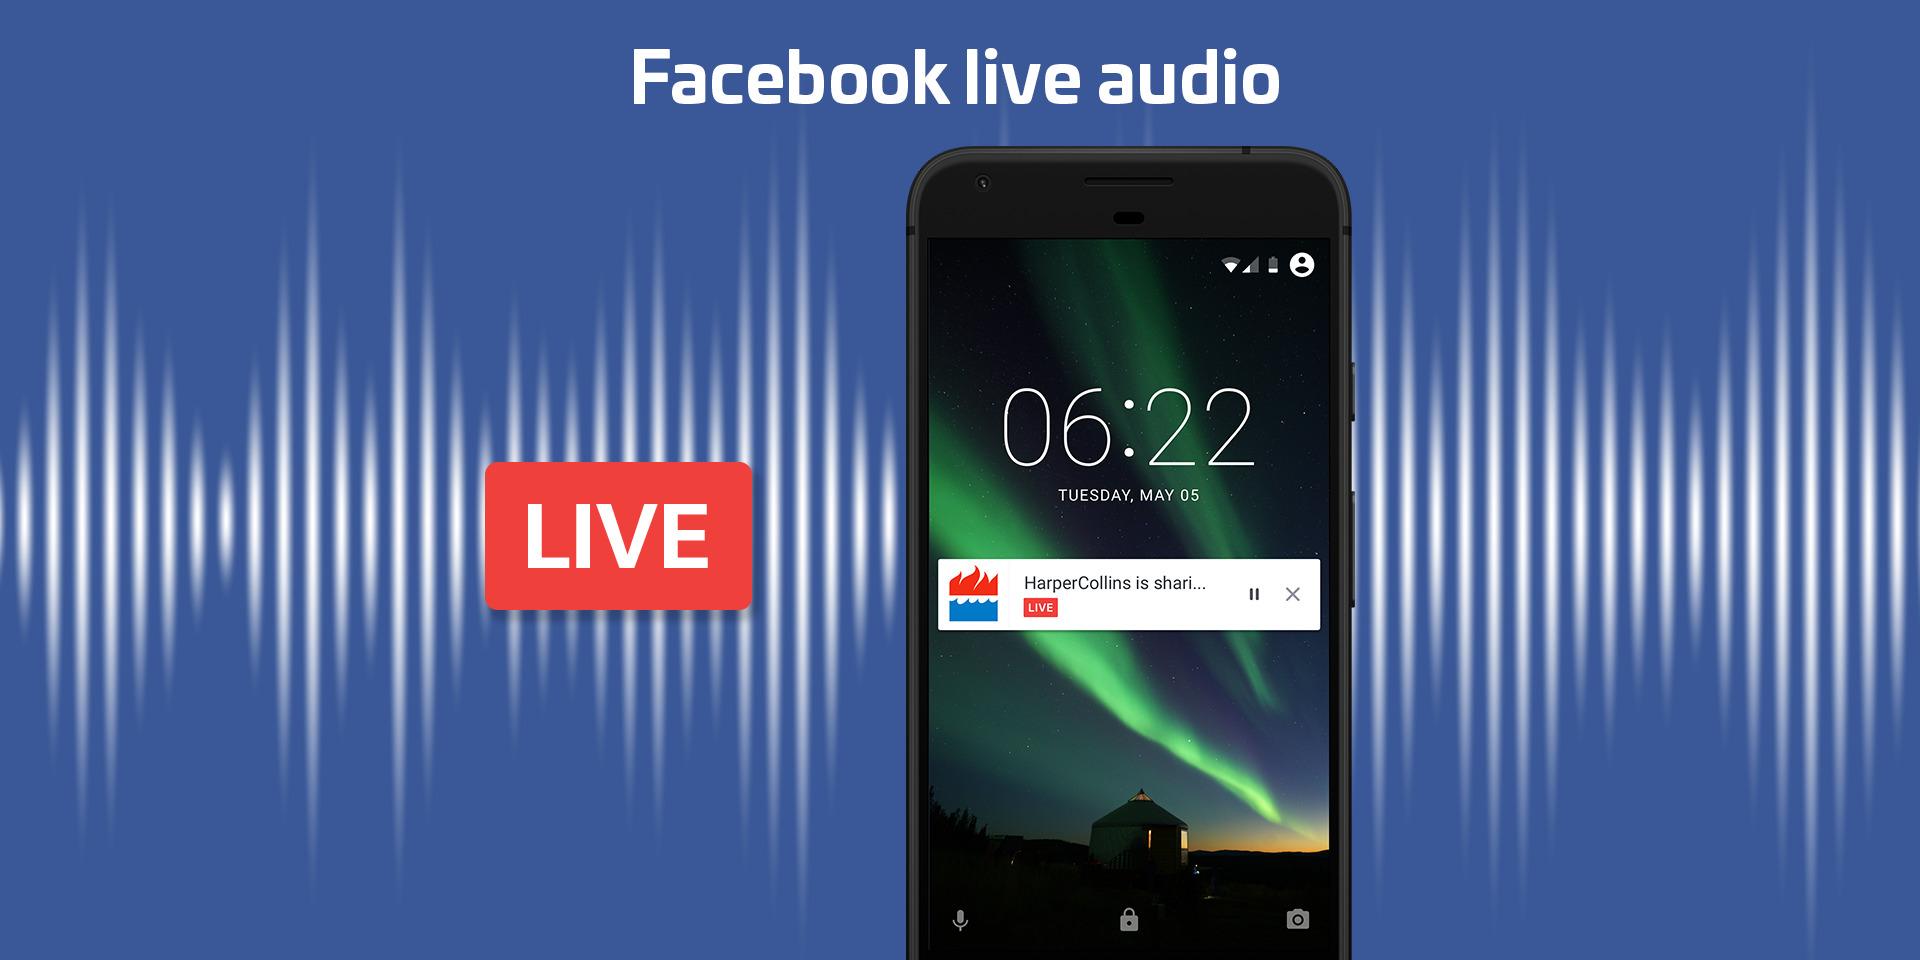 Facebook tendrá podcasts y transmisiones de audio en vivo   El Imparcial de Oaxaca